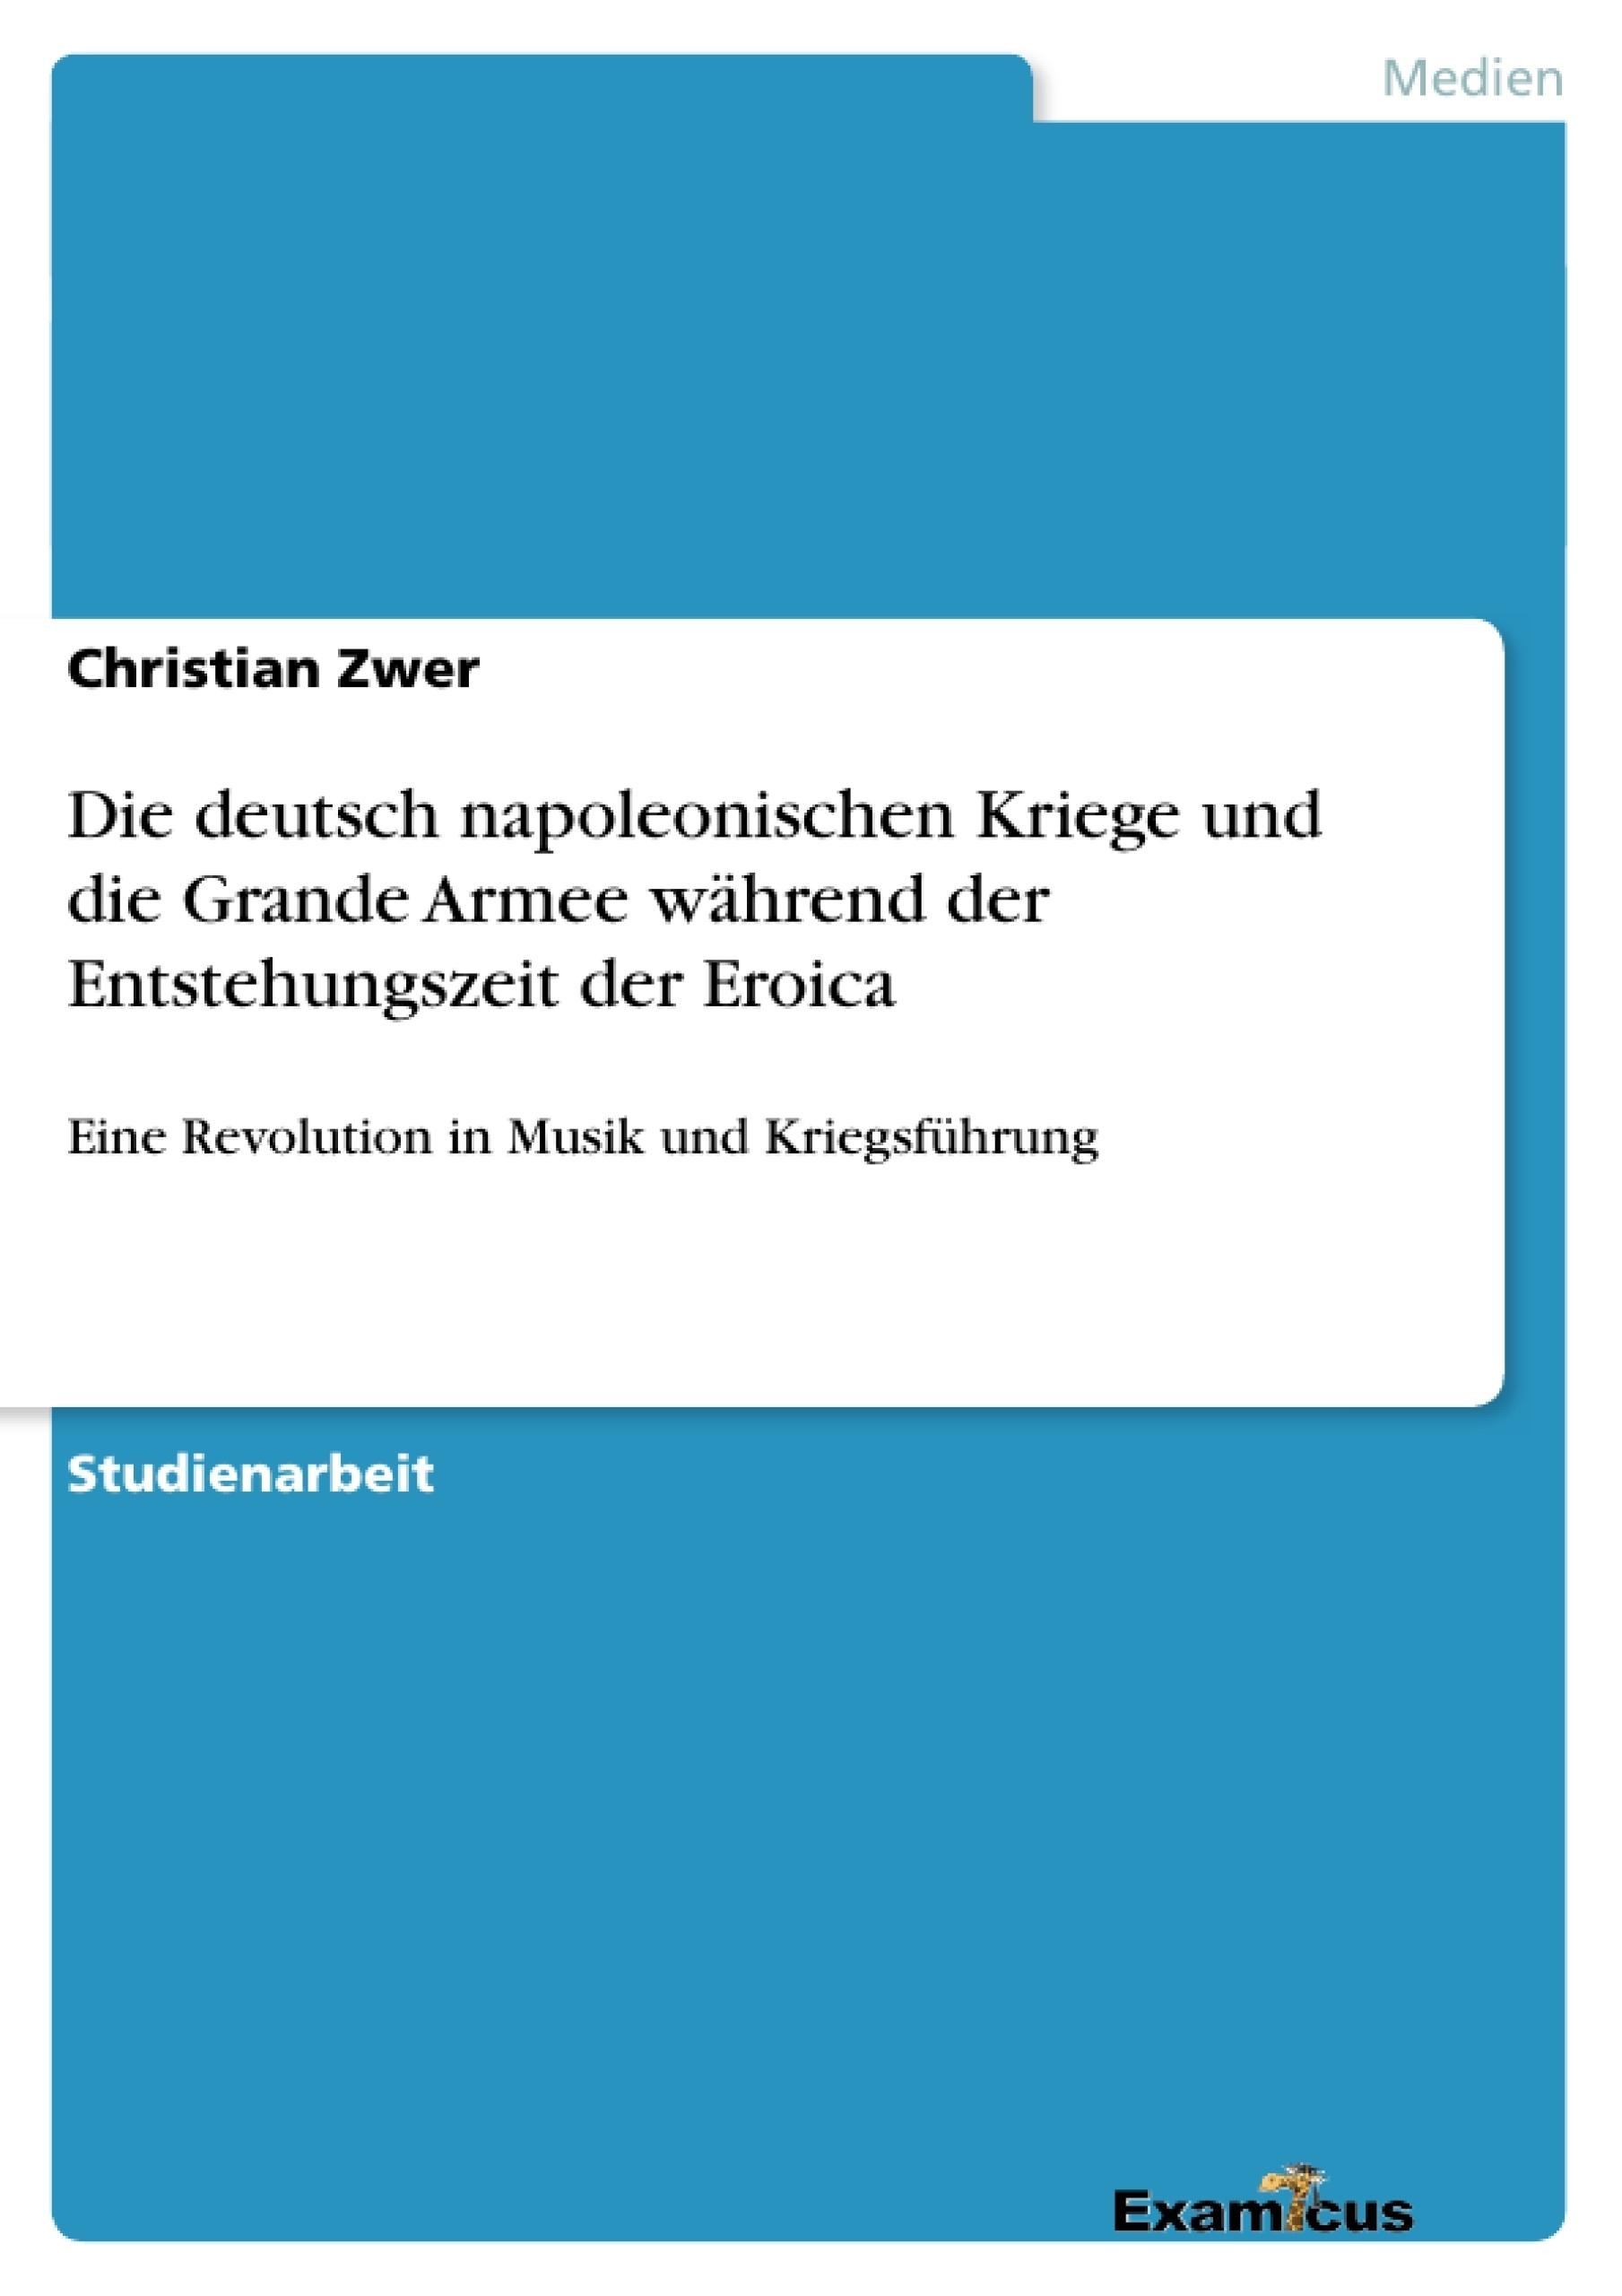 Titel: Die deutsch napoleonischen Kriege und die Grande Armee während der Entstehungszeit der Eroica